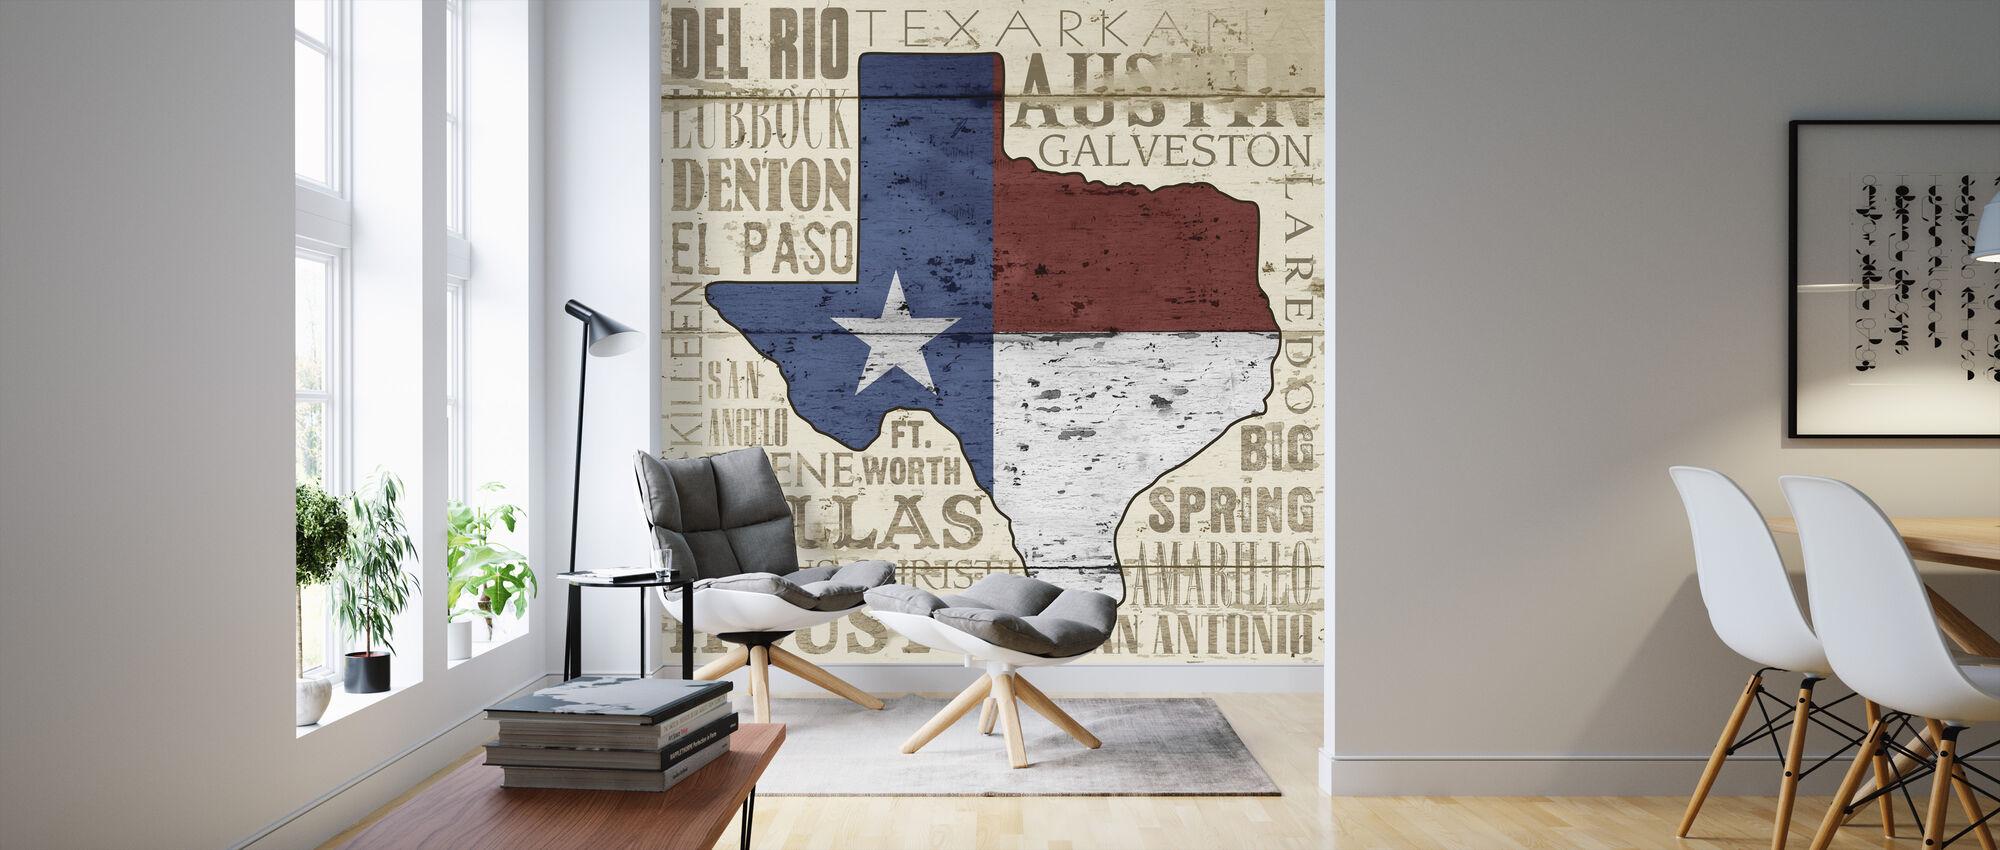 Texasin osavaltio - Tapetti - Olohuone